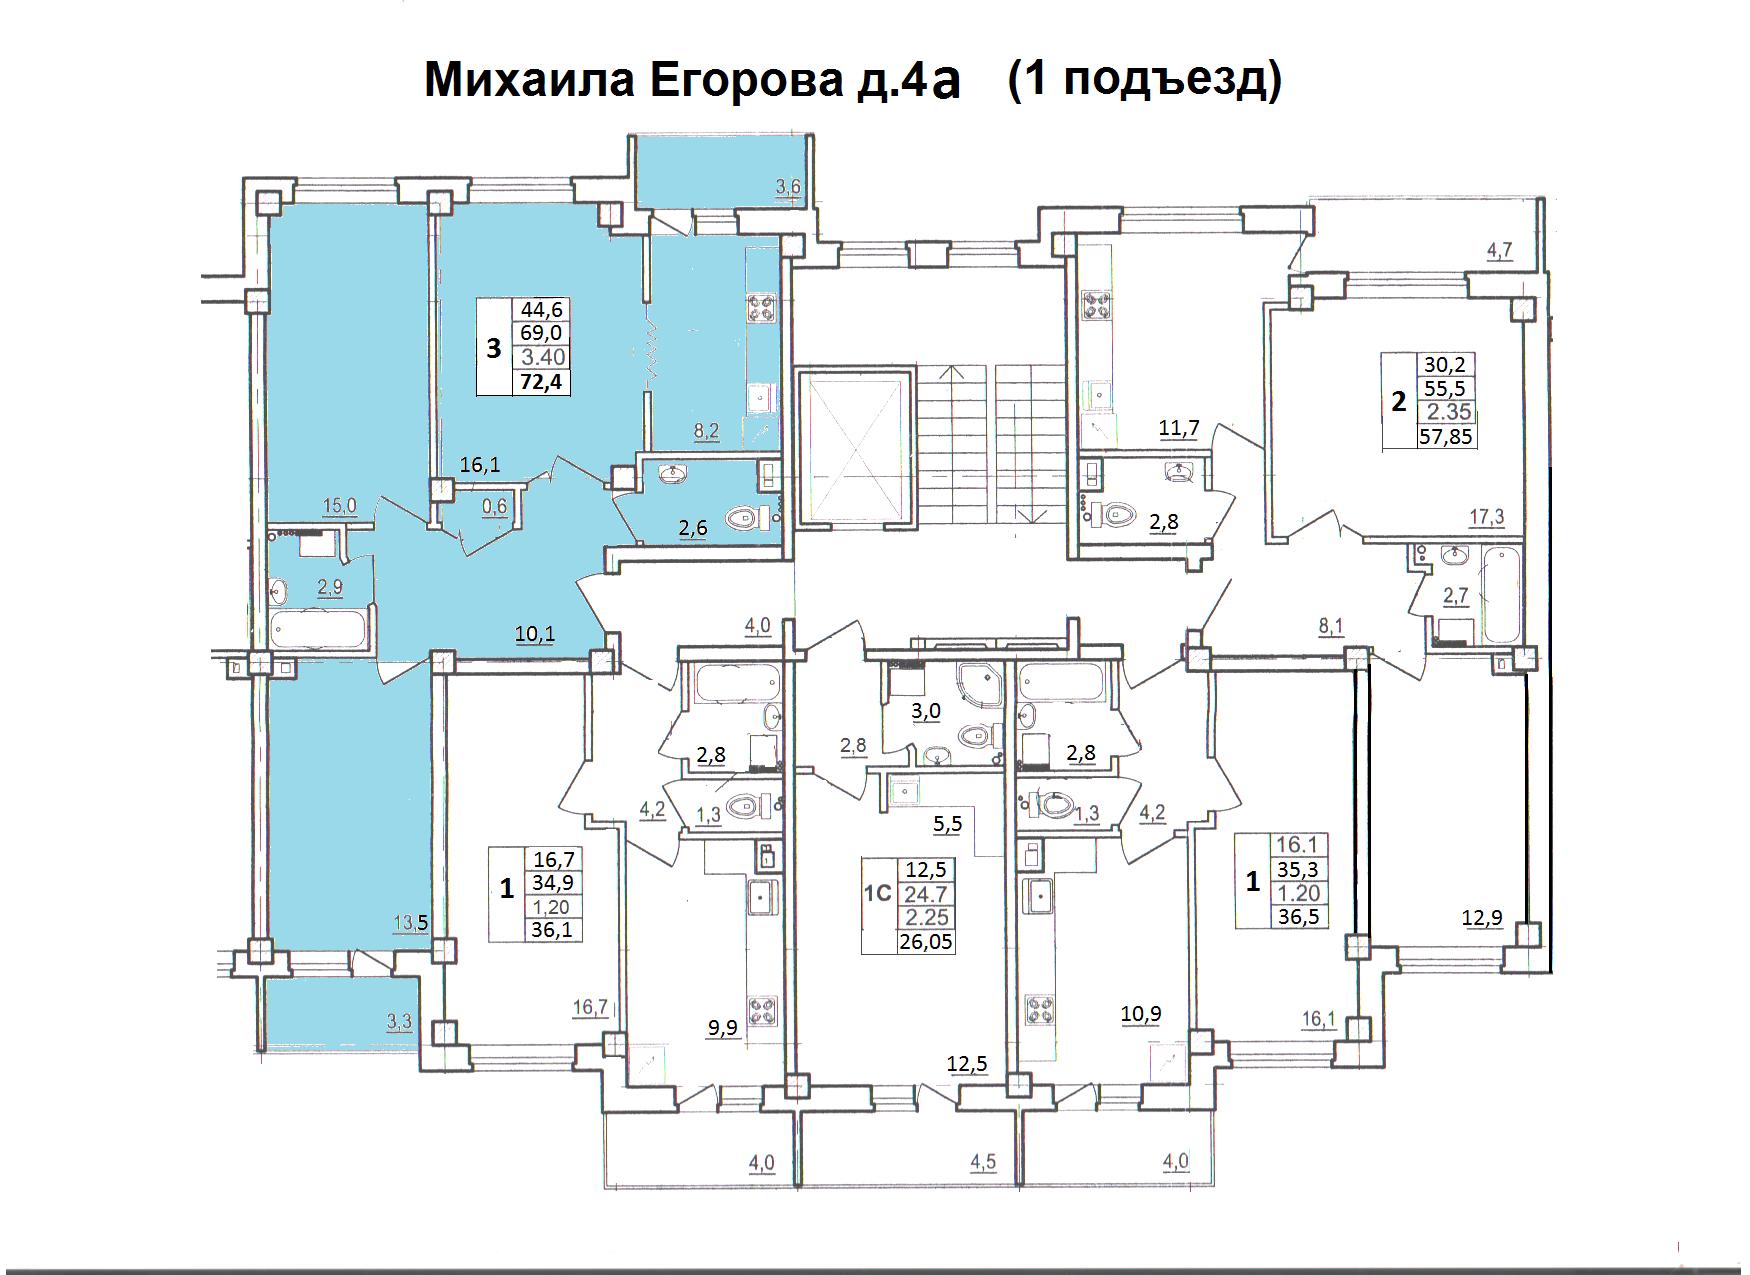 Трехкомнатная квартира, ул. Михаила Егорова, д. 4а, кв. 15